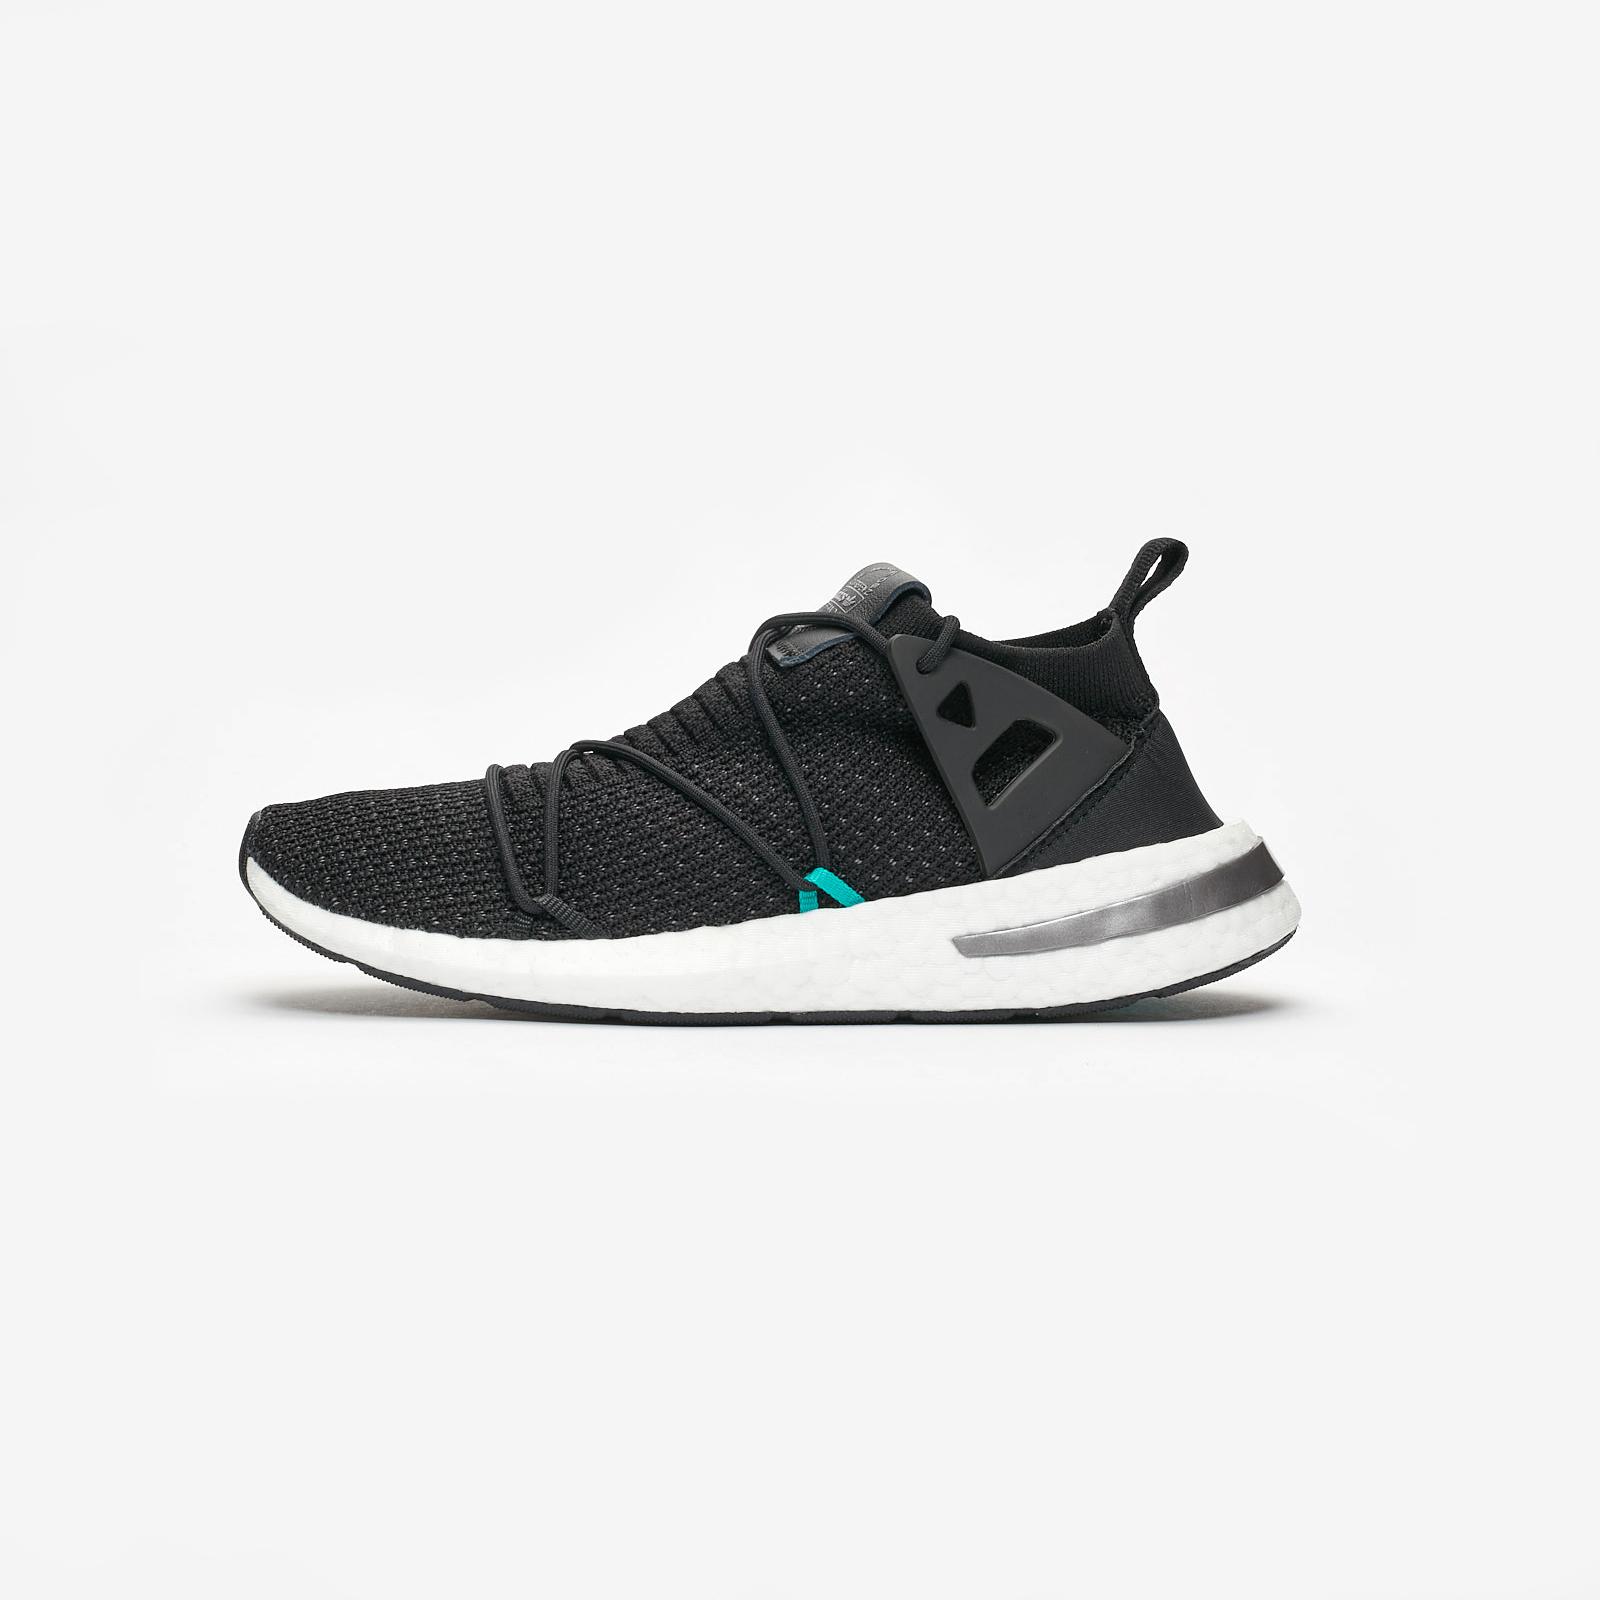 sale retailer 55f6a a1a33 adidas Arkyn PK W - B28123 - Sneakersnstuff   sneakers   streetwear online  since 1999